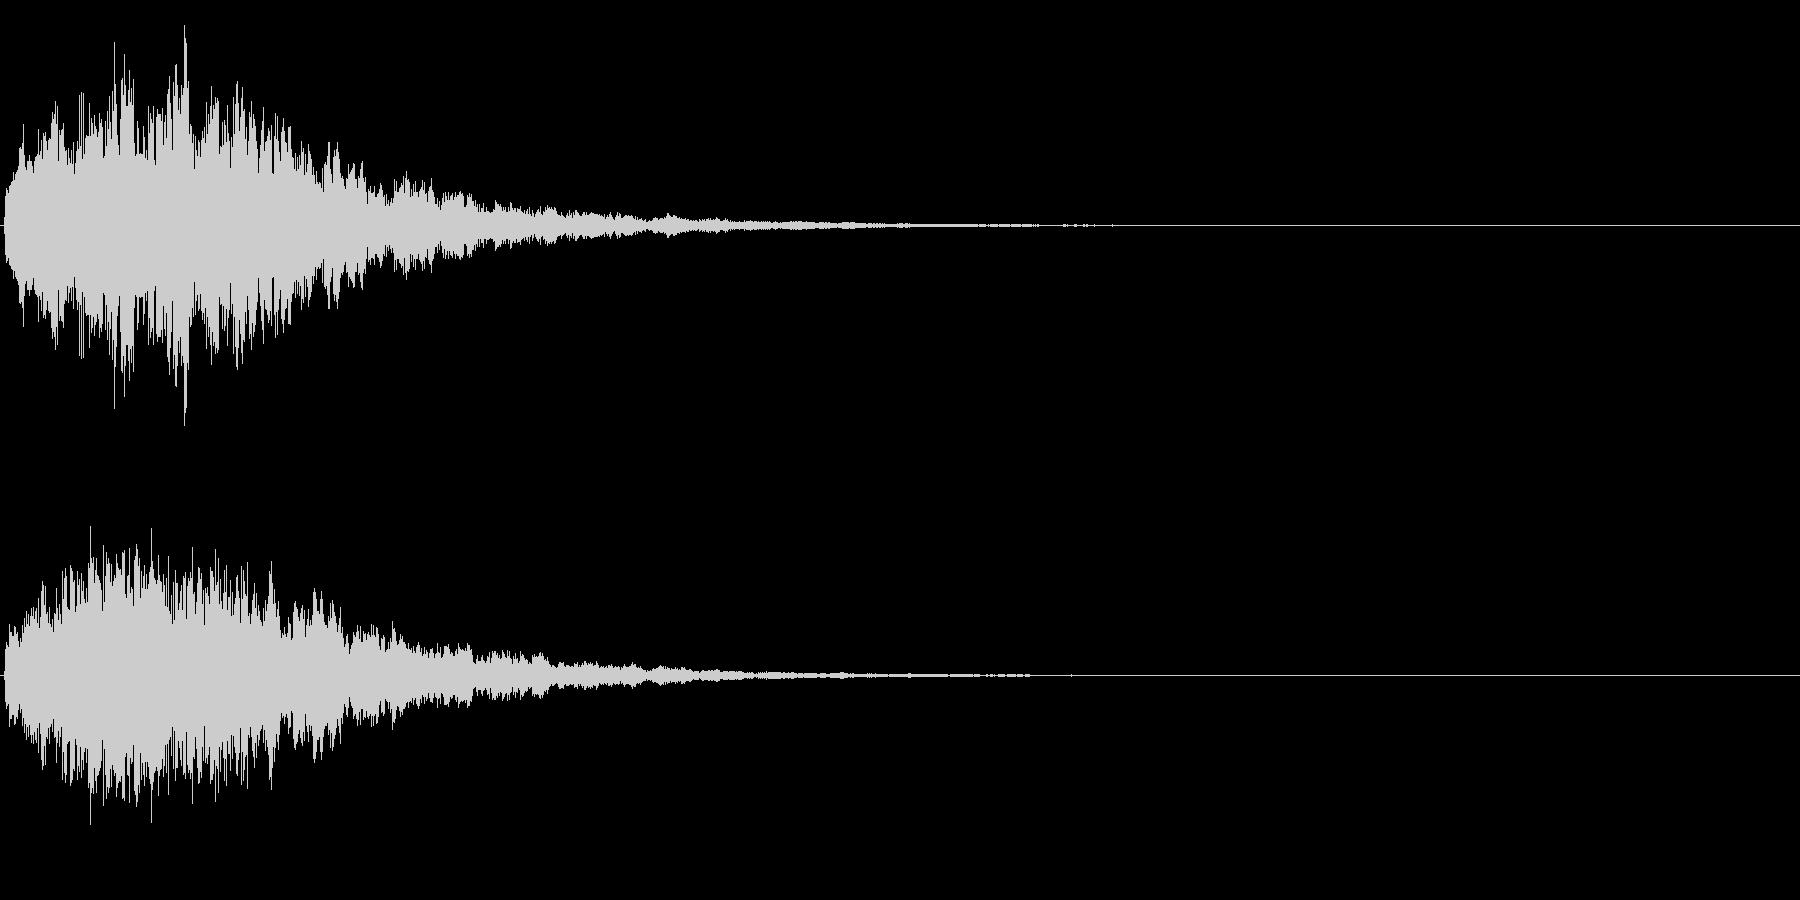 ゲームスタート、決定、ボタン音-150の未再生の波形